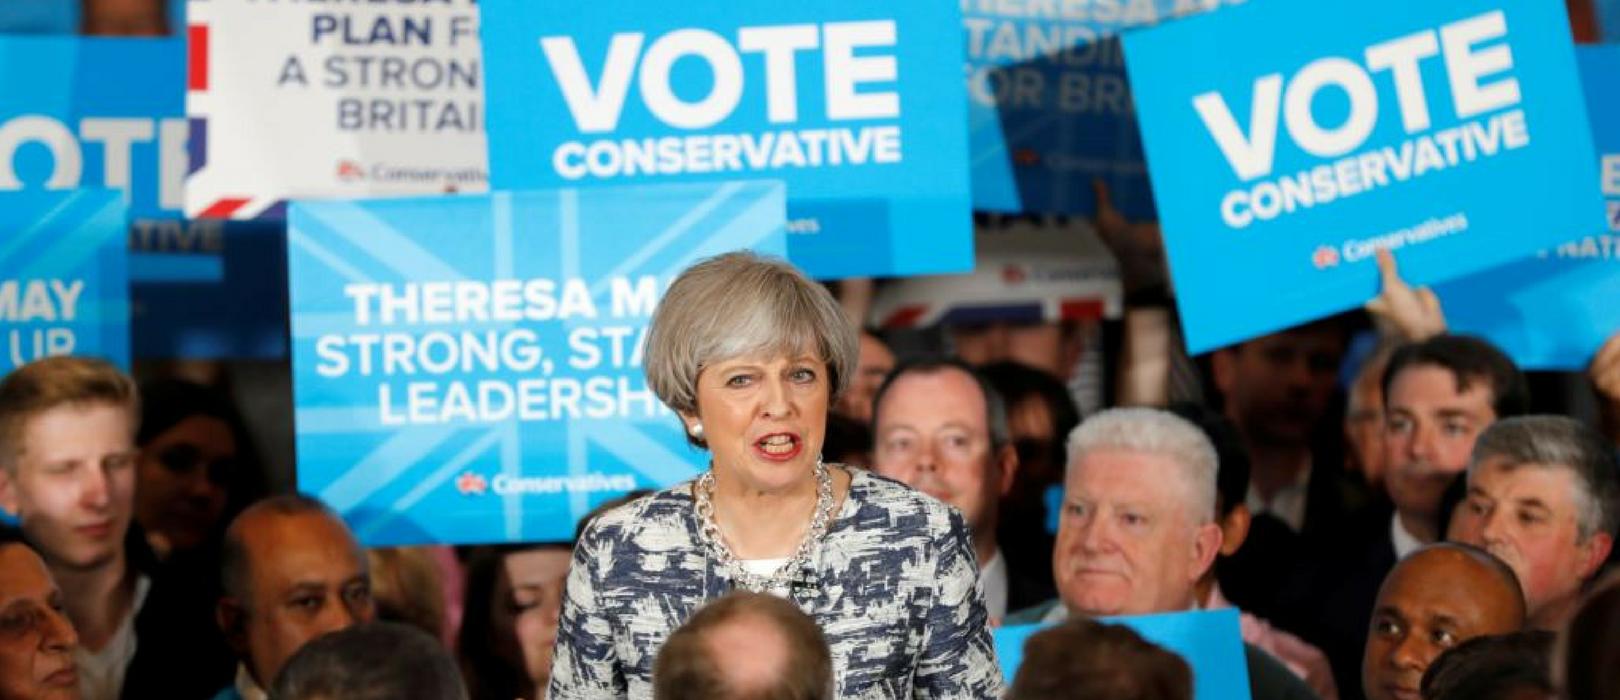 Eleições 2017 no Reino Unido